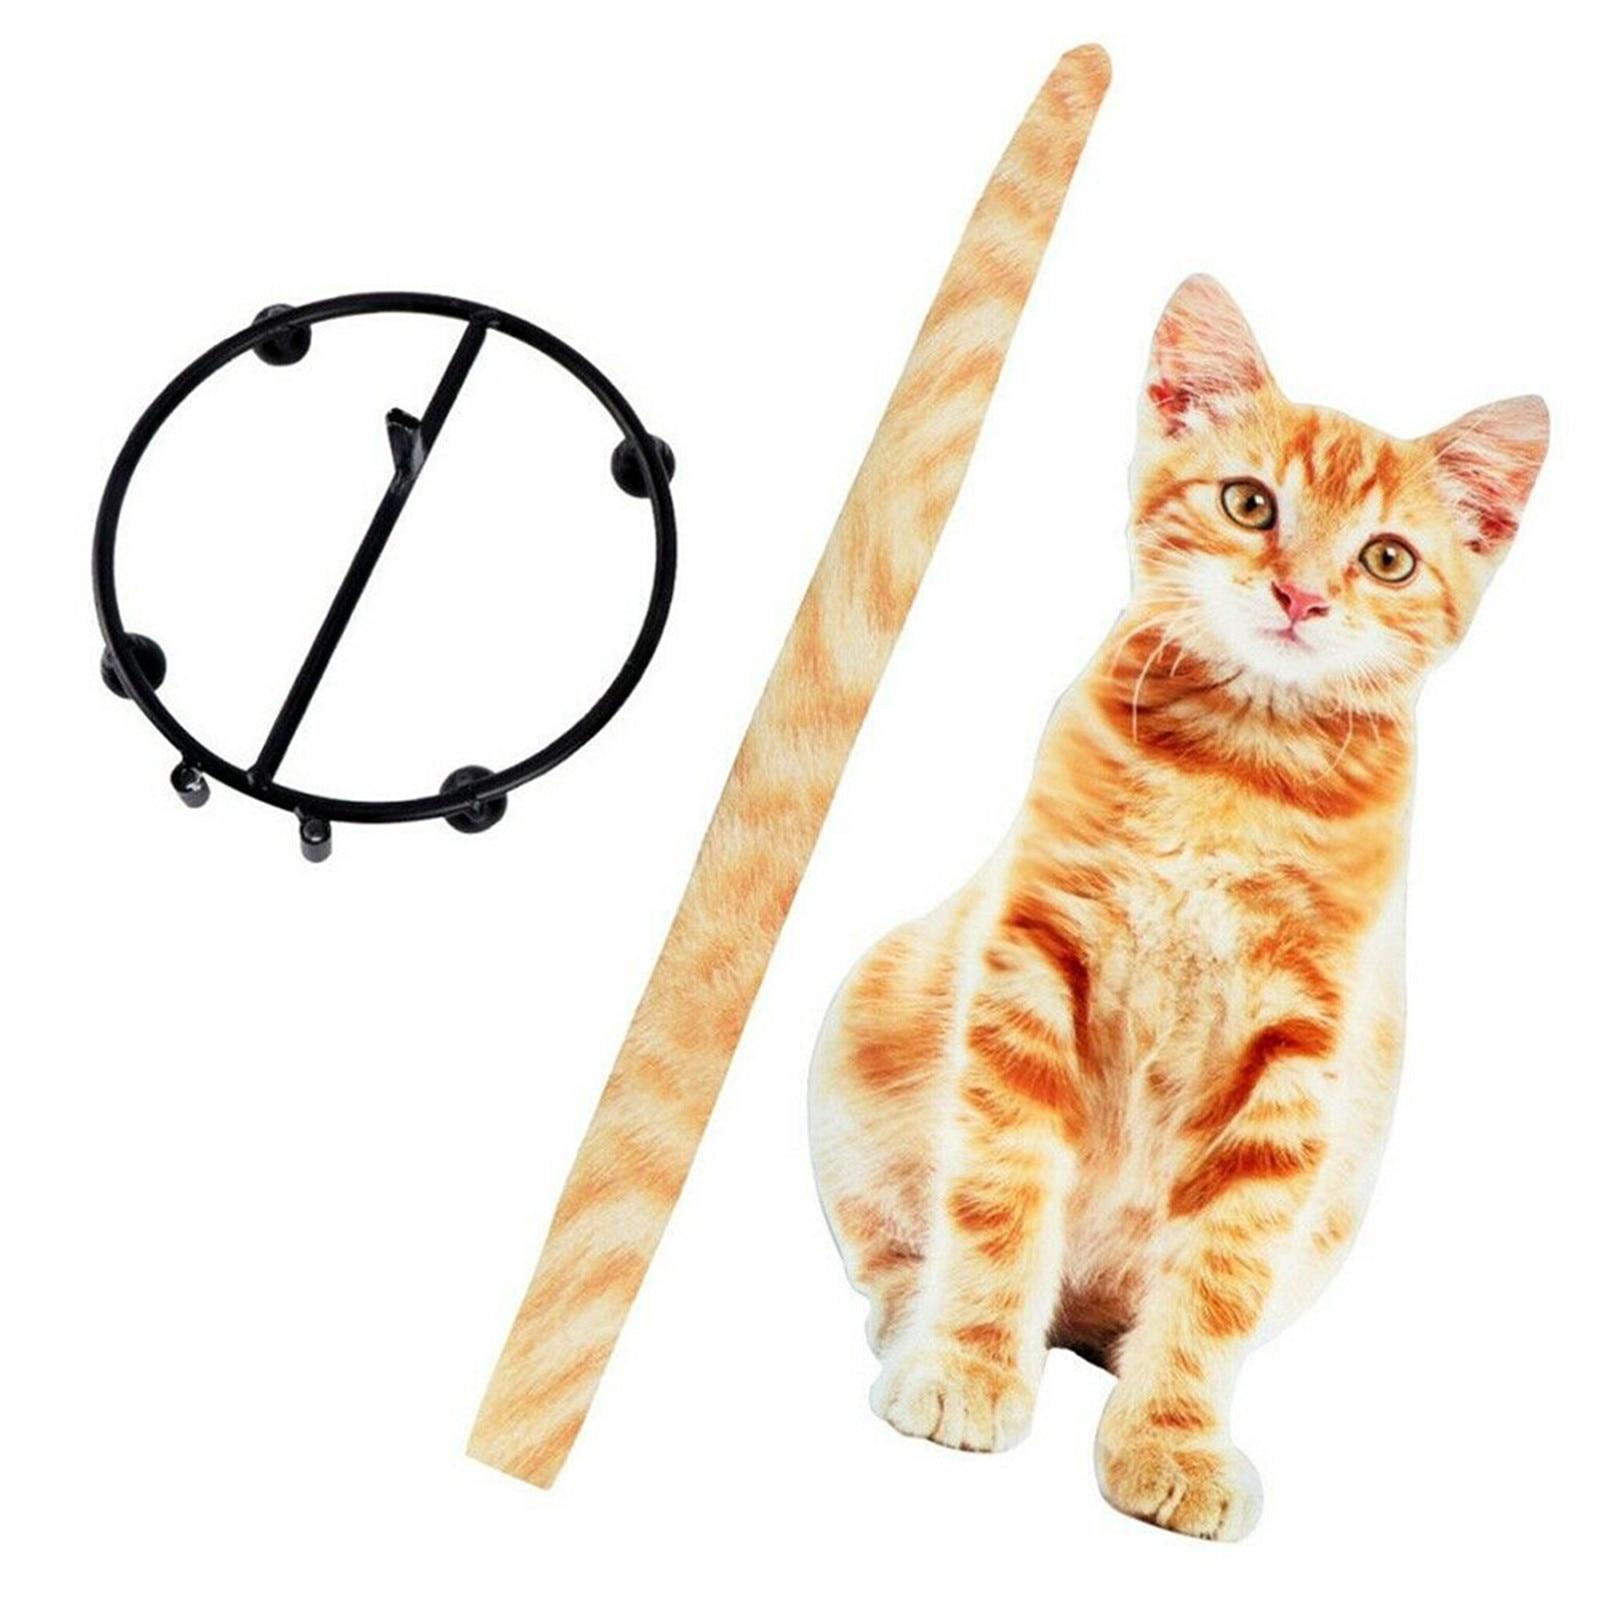 حامل الورق القط شكل الحمام ورق التواليت تخزين الرف هدية لمحبي القط DFK889